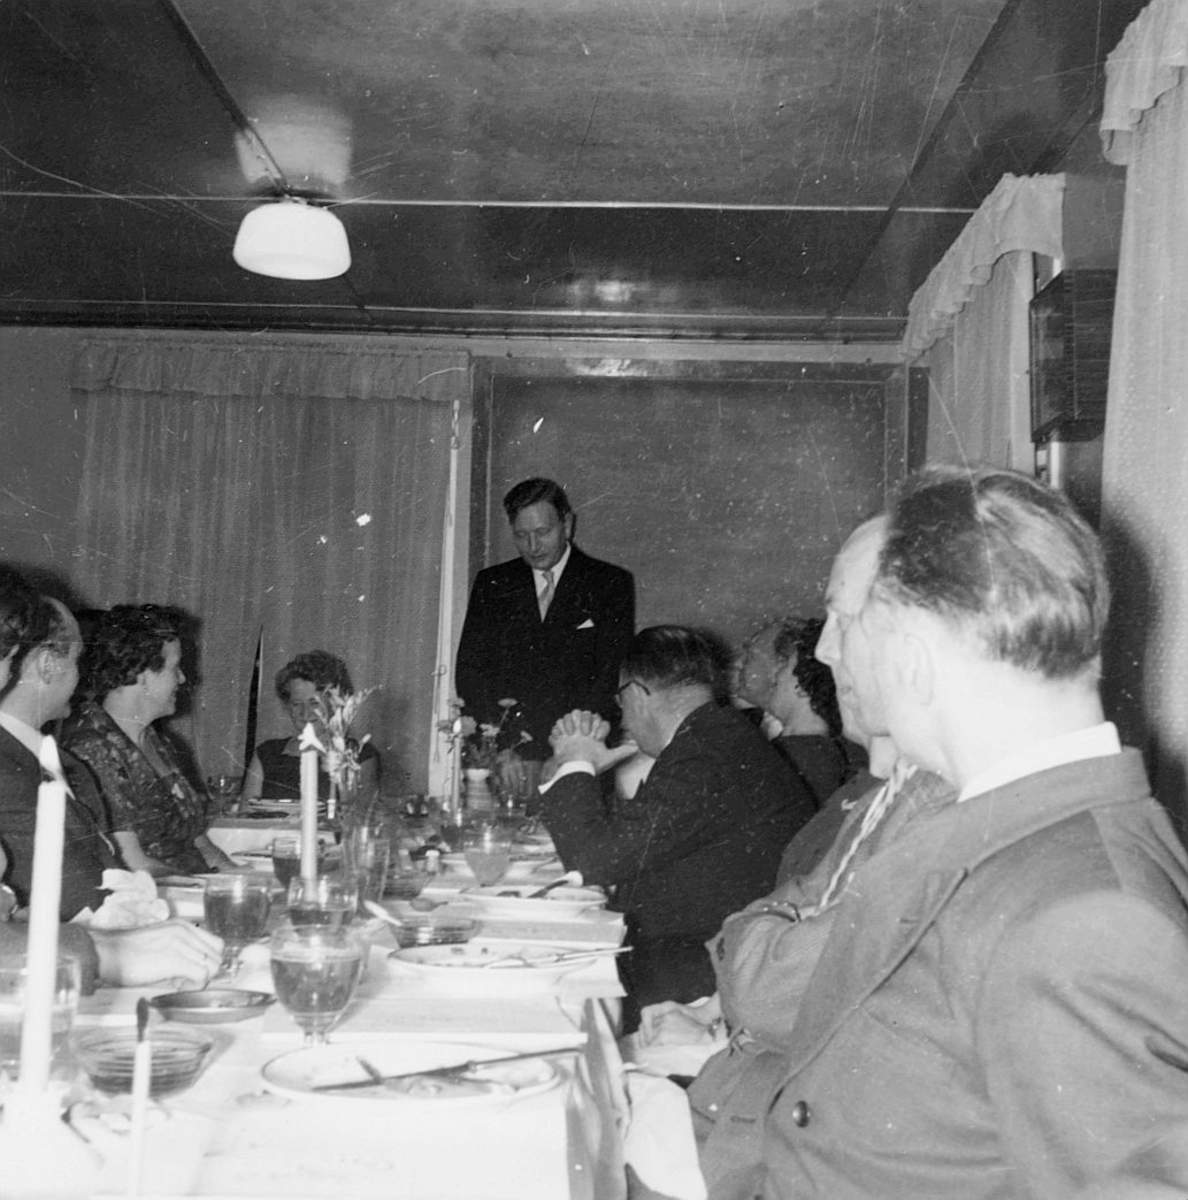 postskolen, avslutningsfest, det videregående kurs for poståpnere, høsten 1960, Olsen taler, interiør